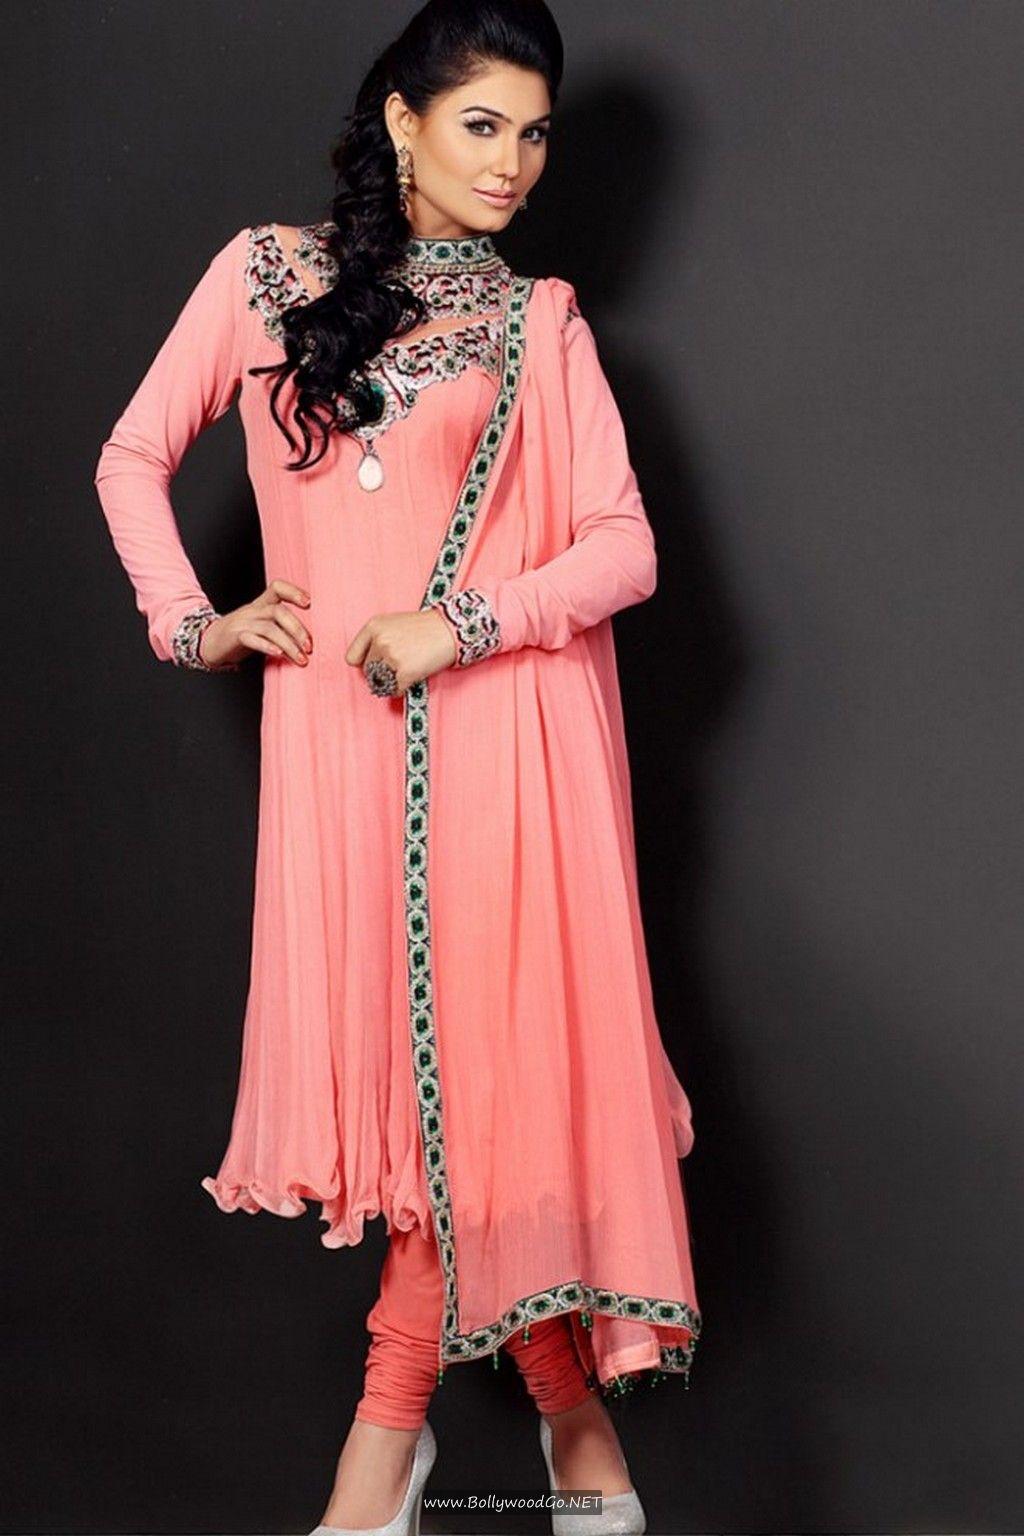 Kangana Sharma Hot Images in Shalwar Qameez Kangana-Sharma-Hot-Images-6